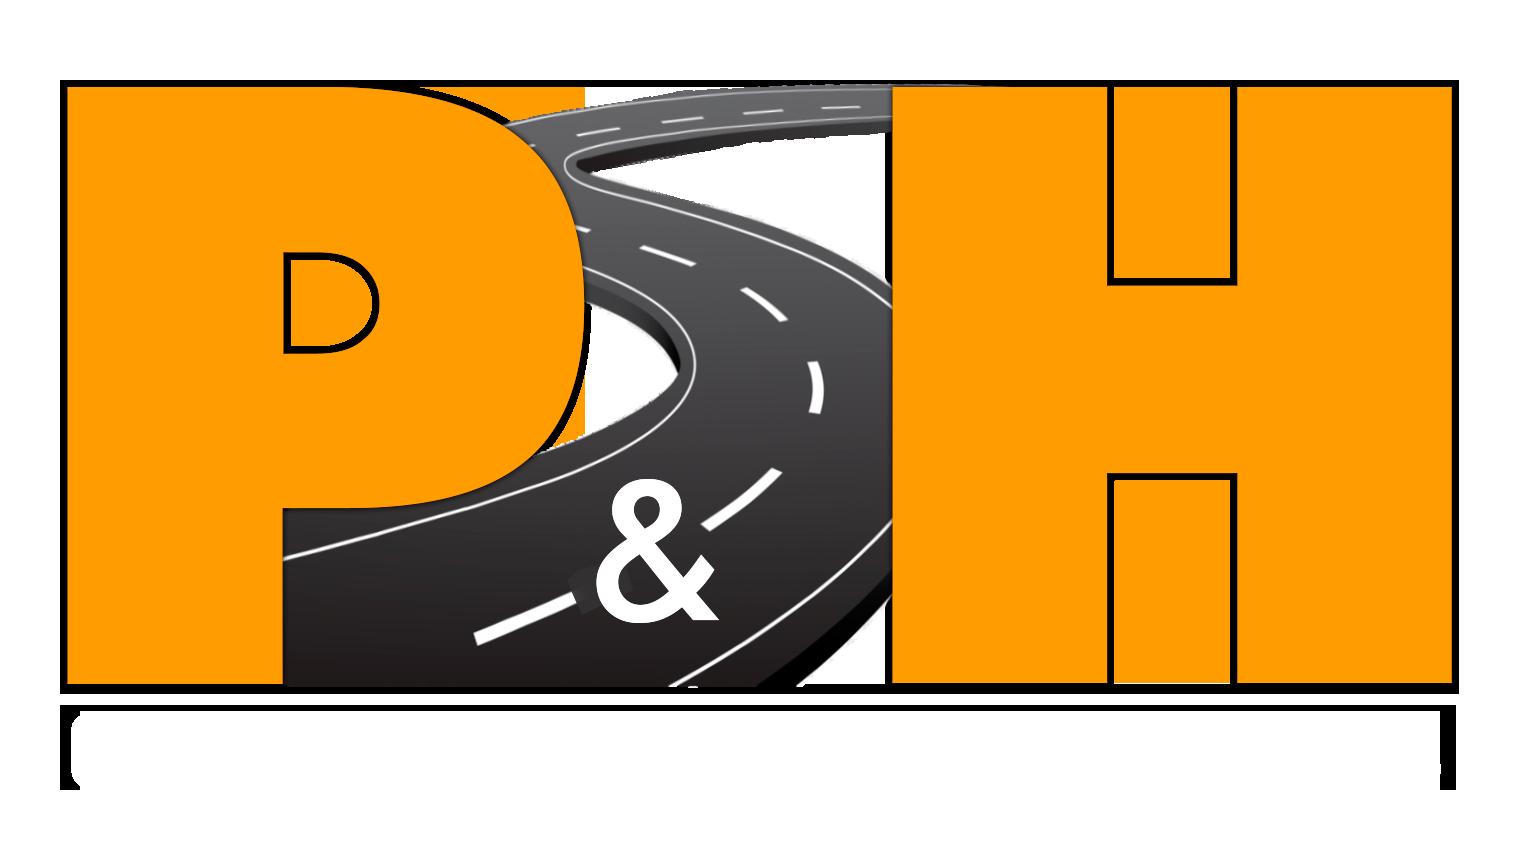 PROYECTOS Y CONSTRUCCIONES P & H, C.A.